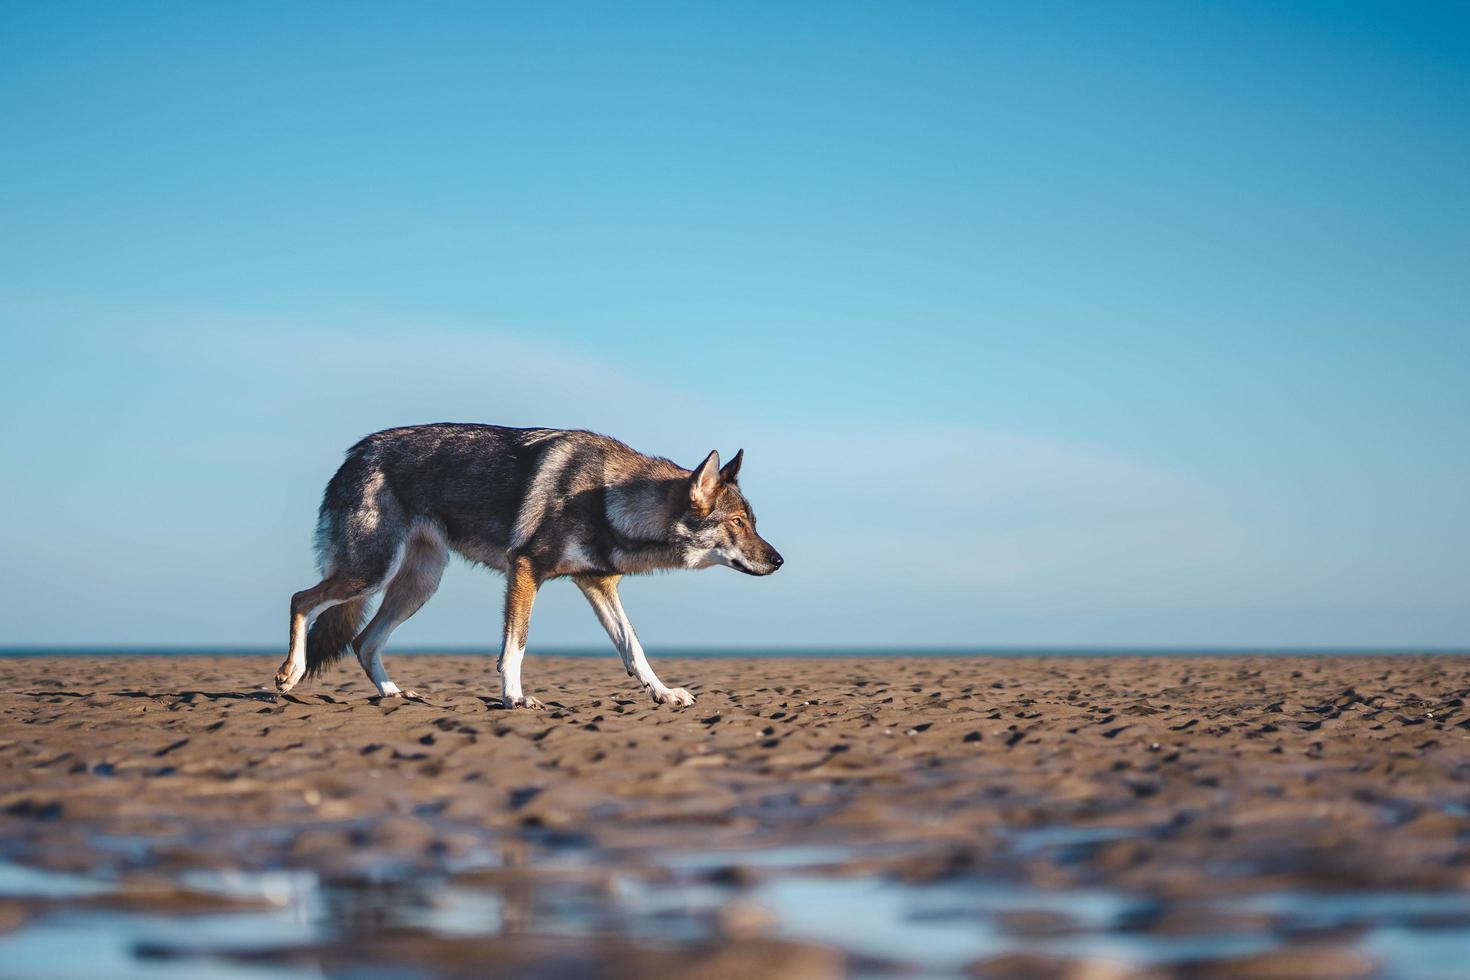 lupo nero che cammina durante il giorno foto